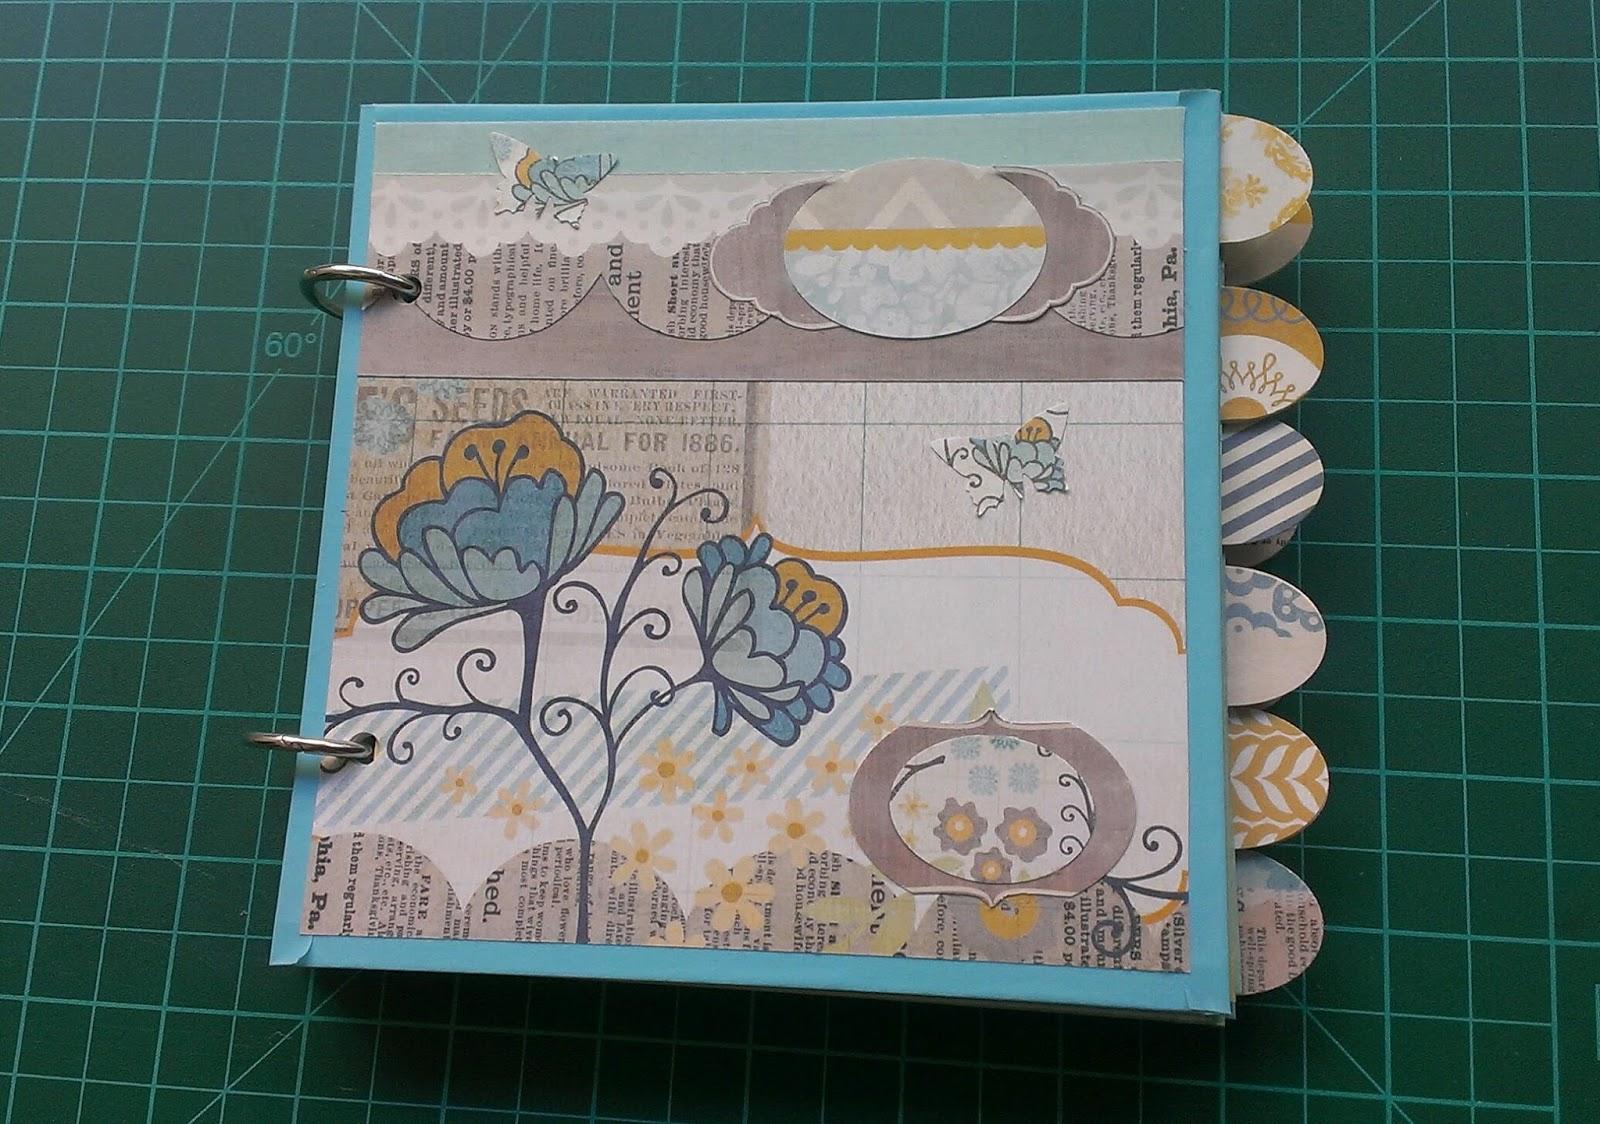 Sonrisas de papel lbumes diy dise o decoraci n - Decoracion de album de fotos ...